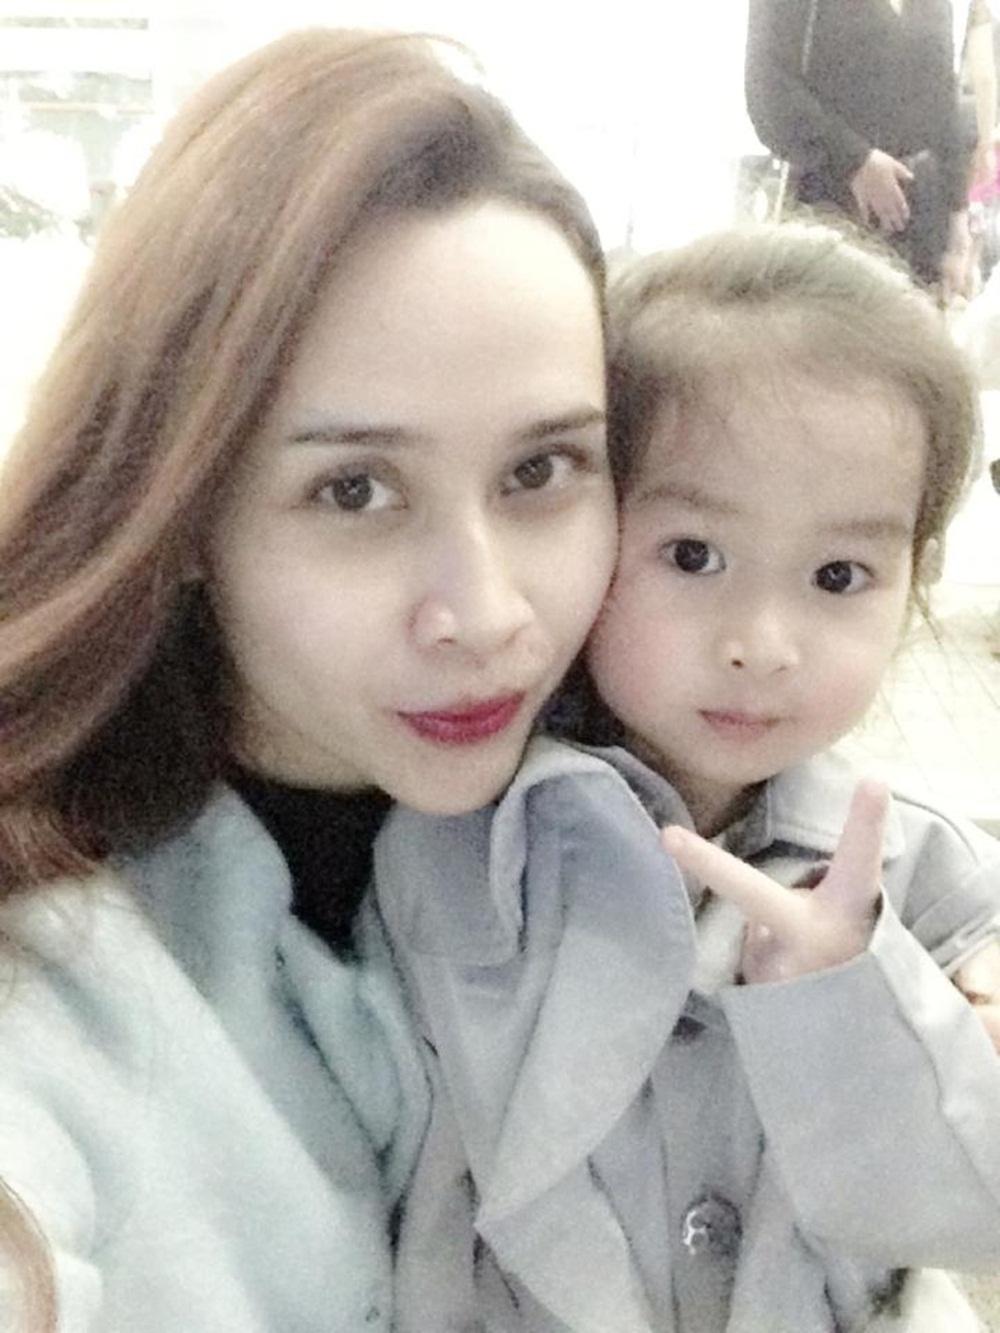 Khoảnh khắc Lưu Hương Giang selfie cùng con gái đầu Mina. Hai mẹ con mix đồ ăn ý.